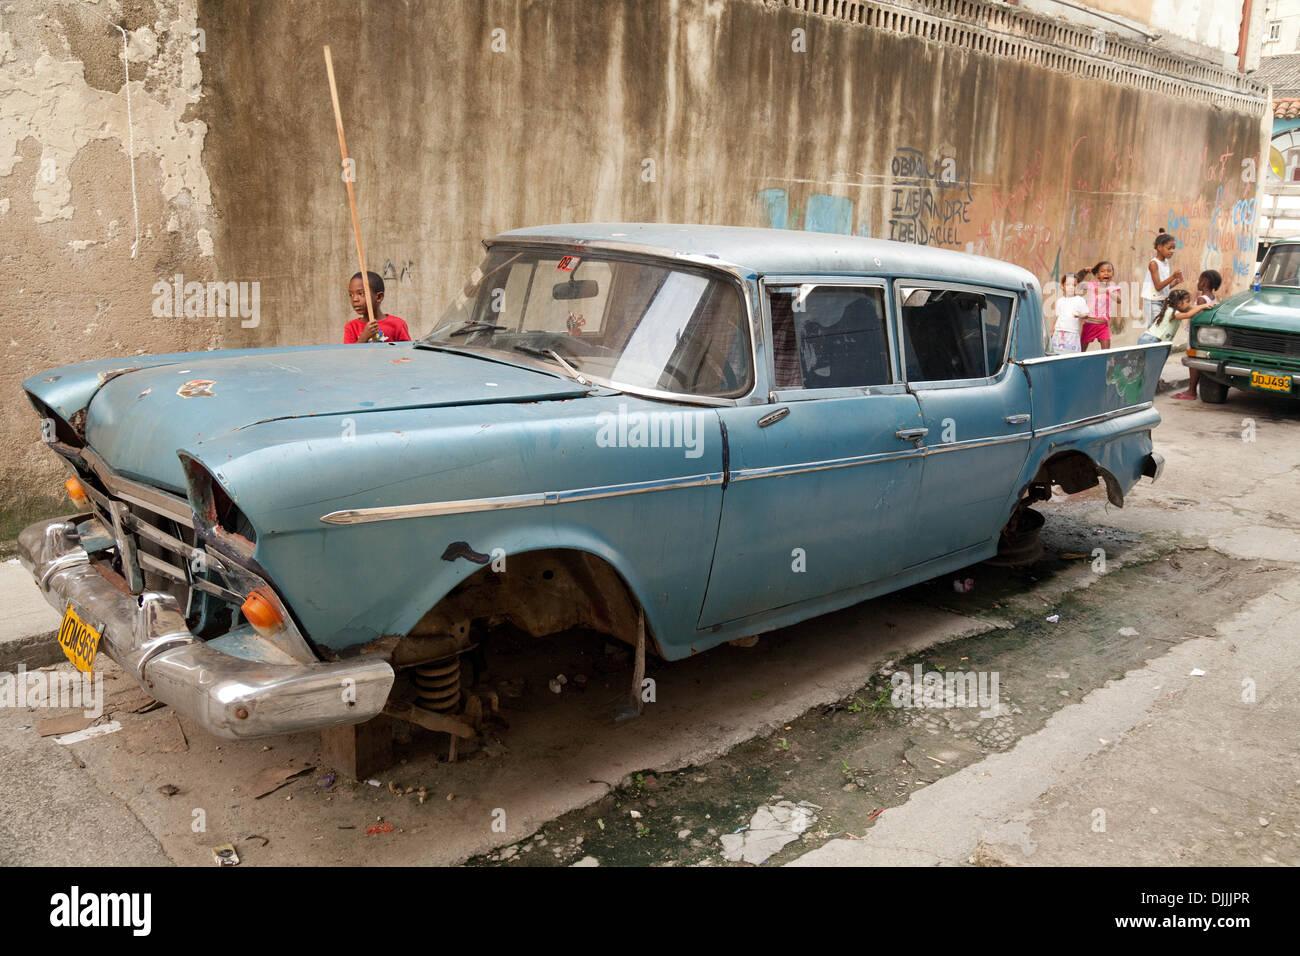 Un viejo coche americano en los montones de ladrillos, la pobreza en una zona pobre de la Ciudad de La Habana, Cuba, El Caribe Imagen De Stock